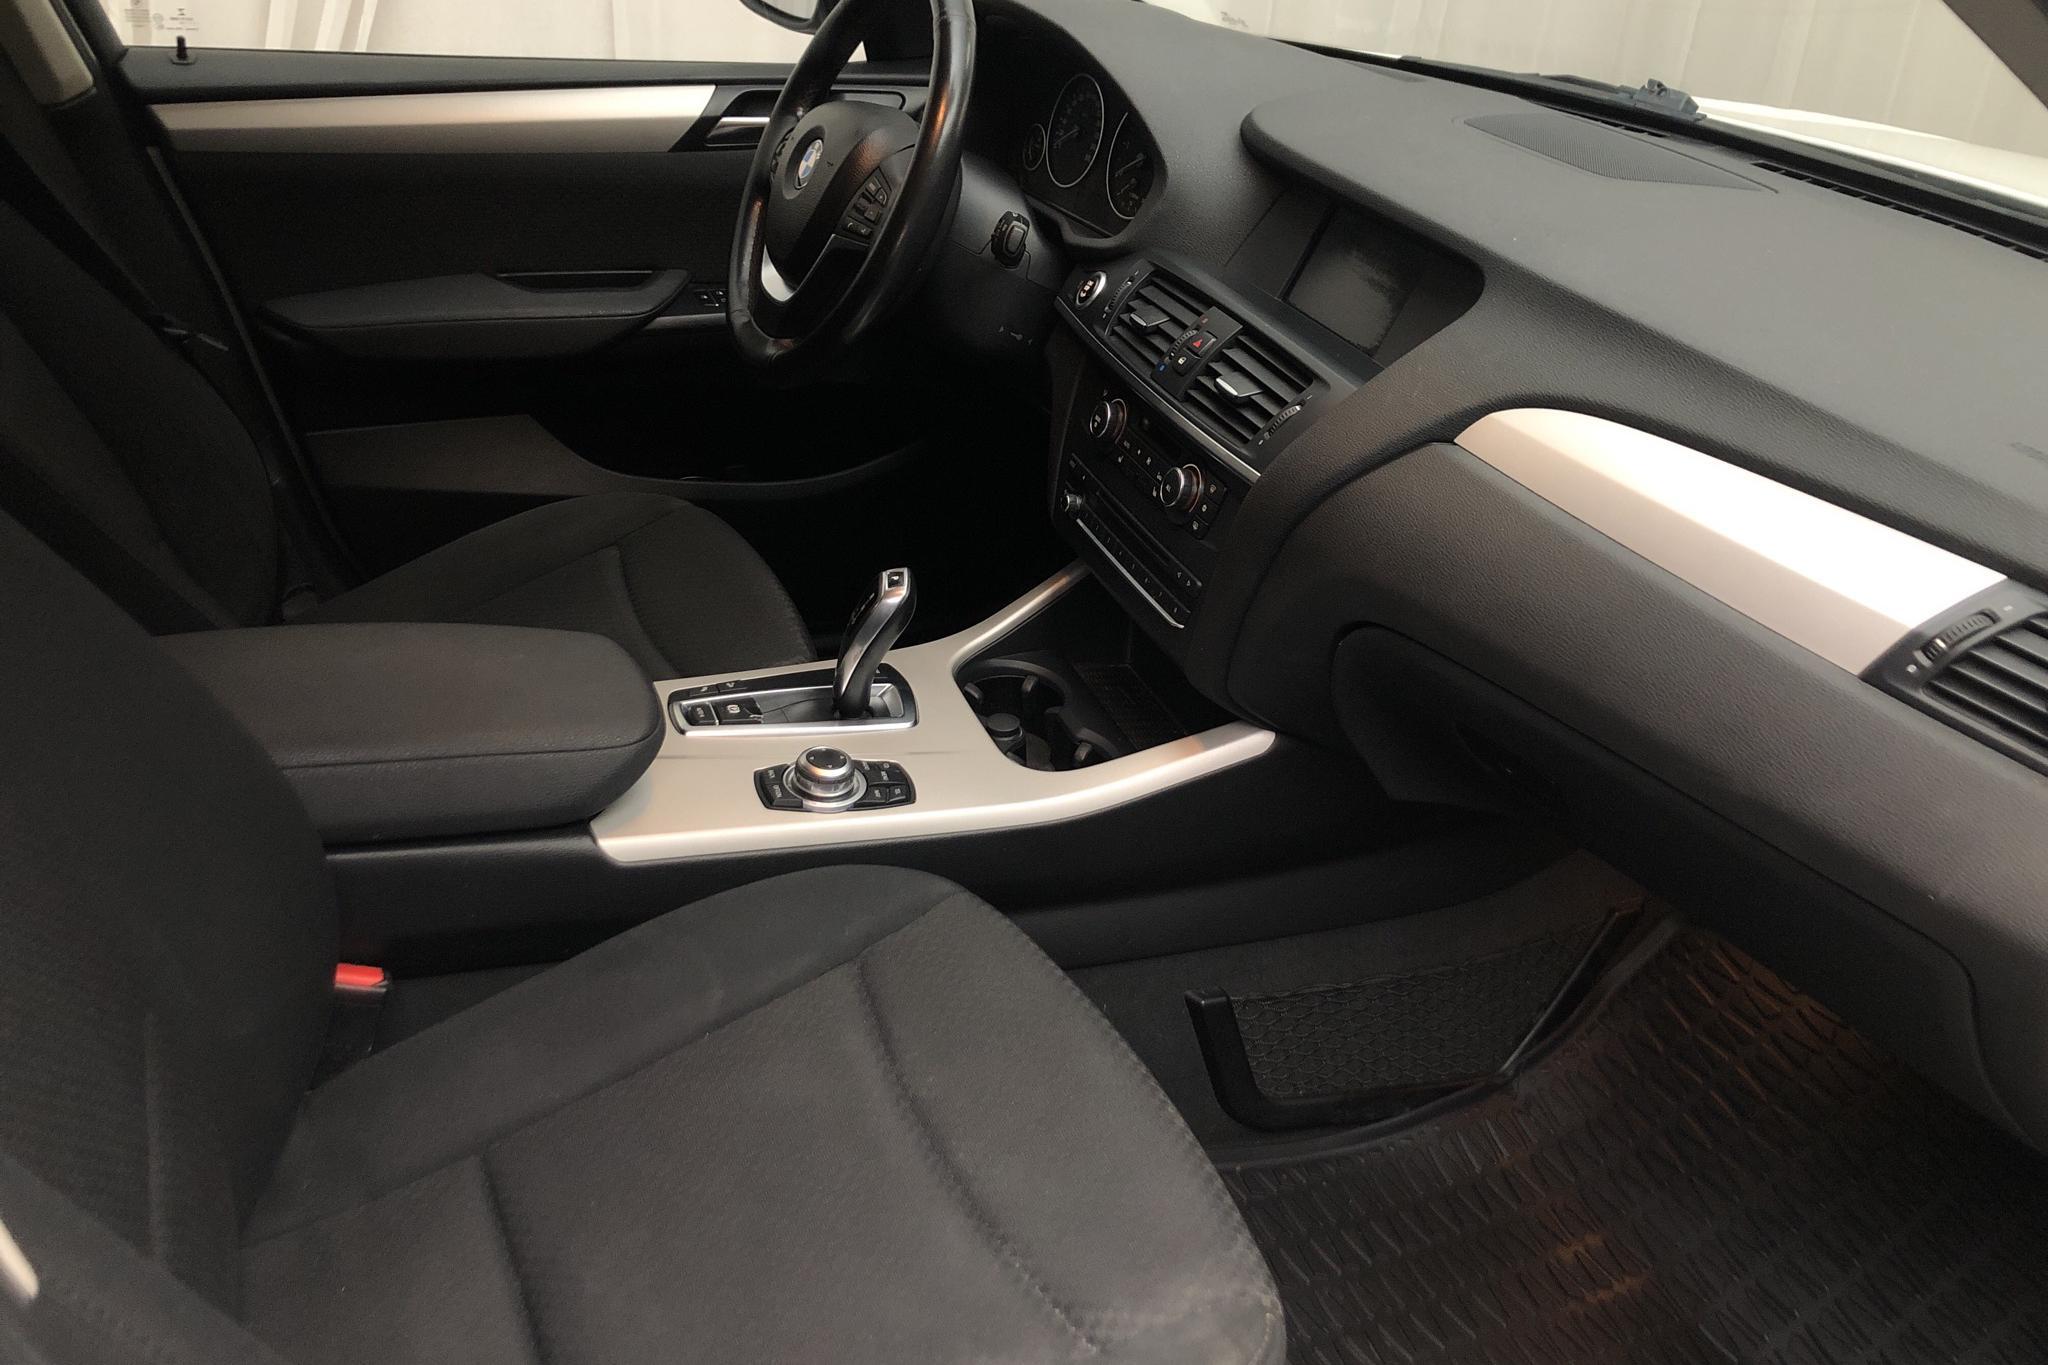 BMW X3 xDrive20d, F25 (184hk) - 202 110 km - Automatic - white - 2011